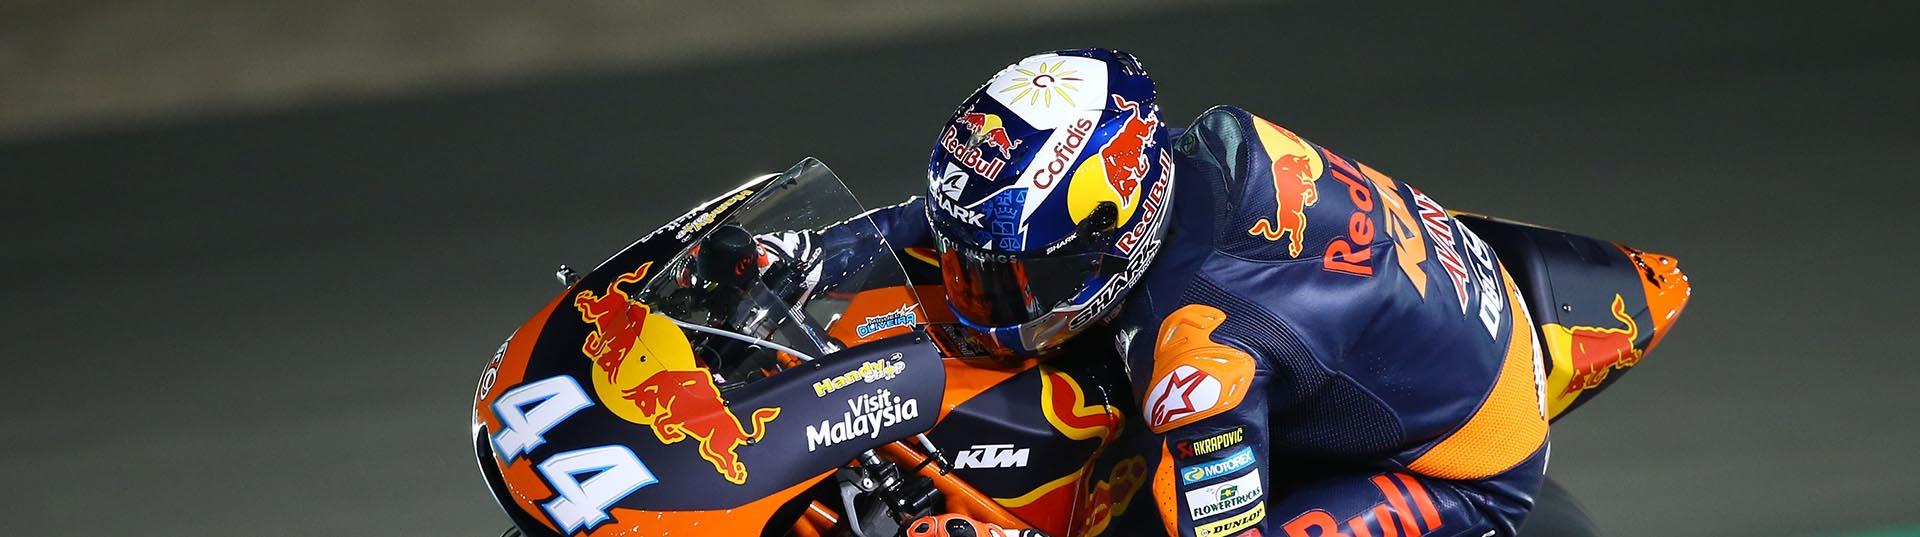 Miguel Oliveira parte de 5º no Qatar